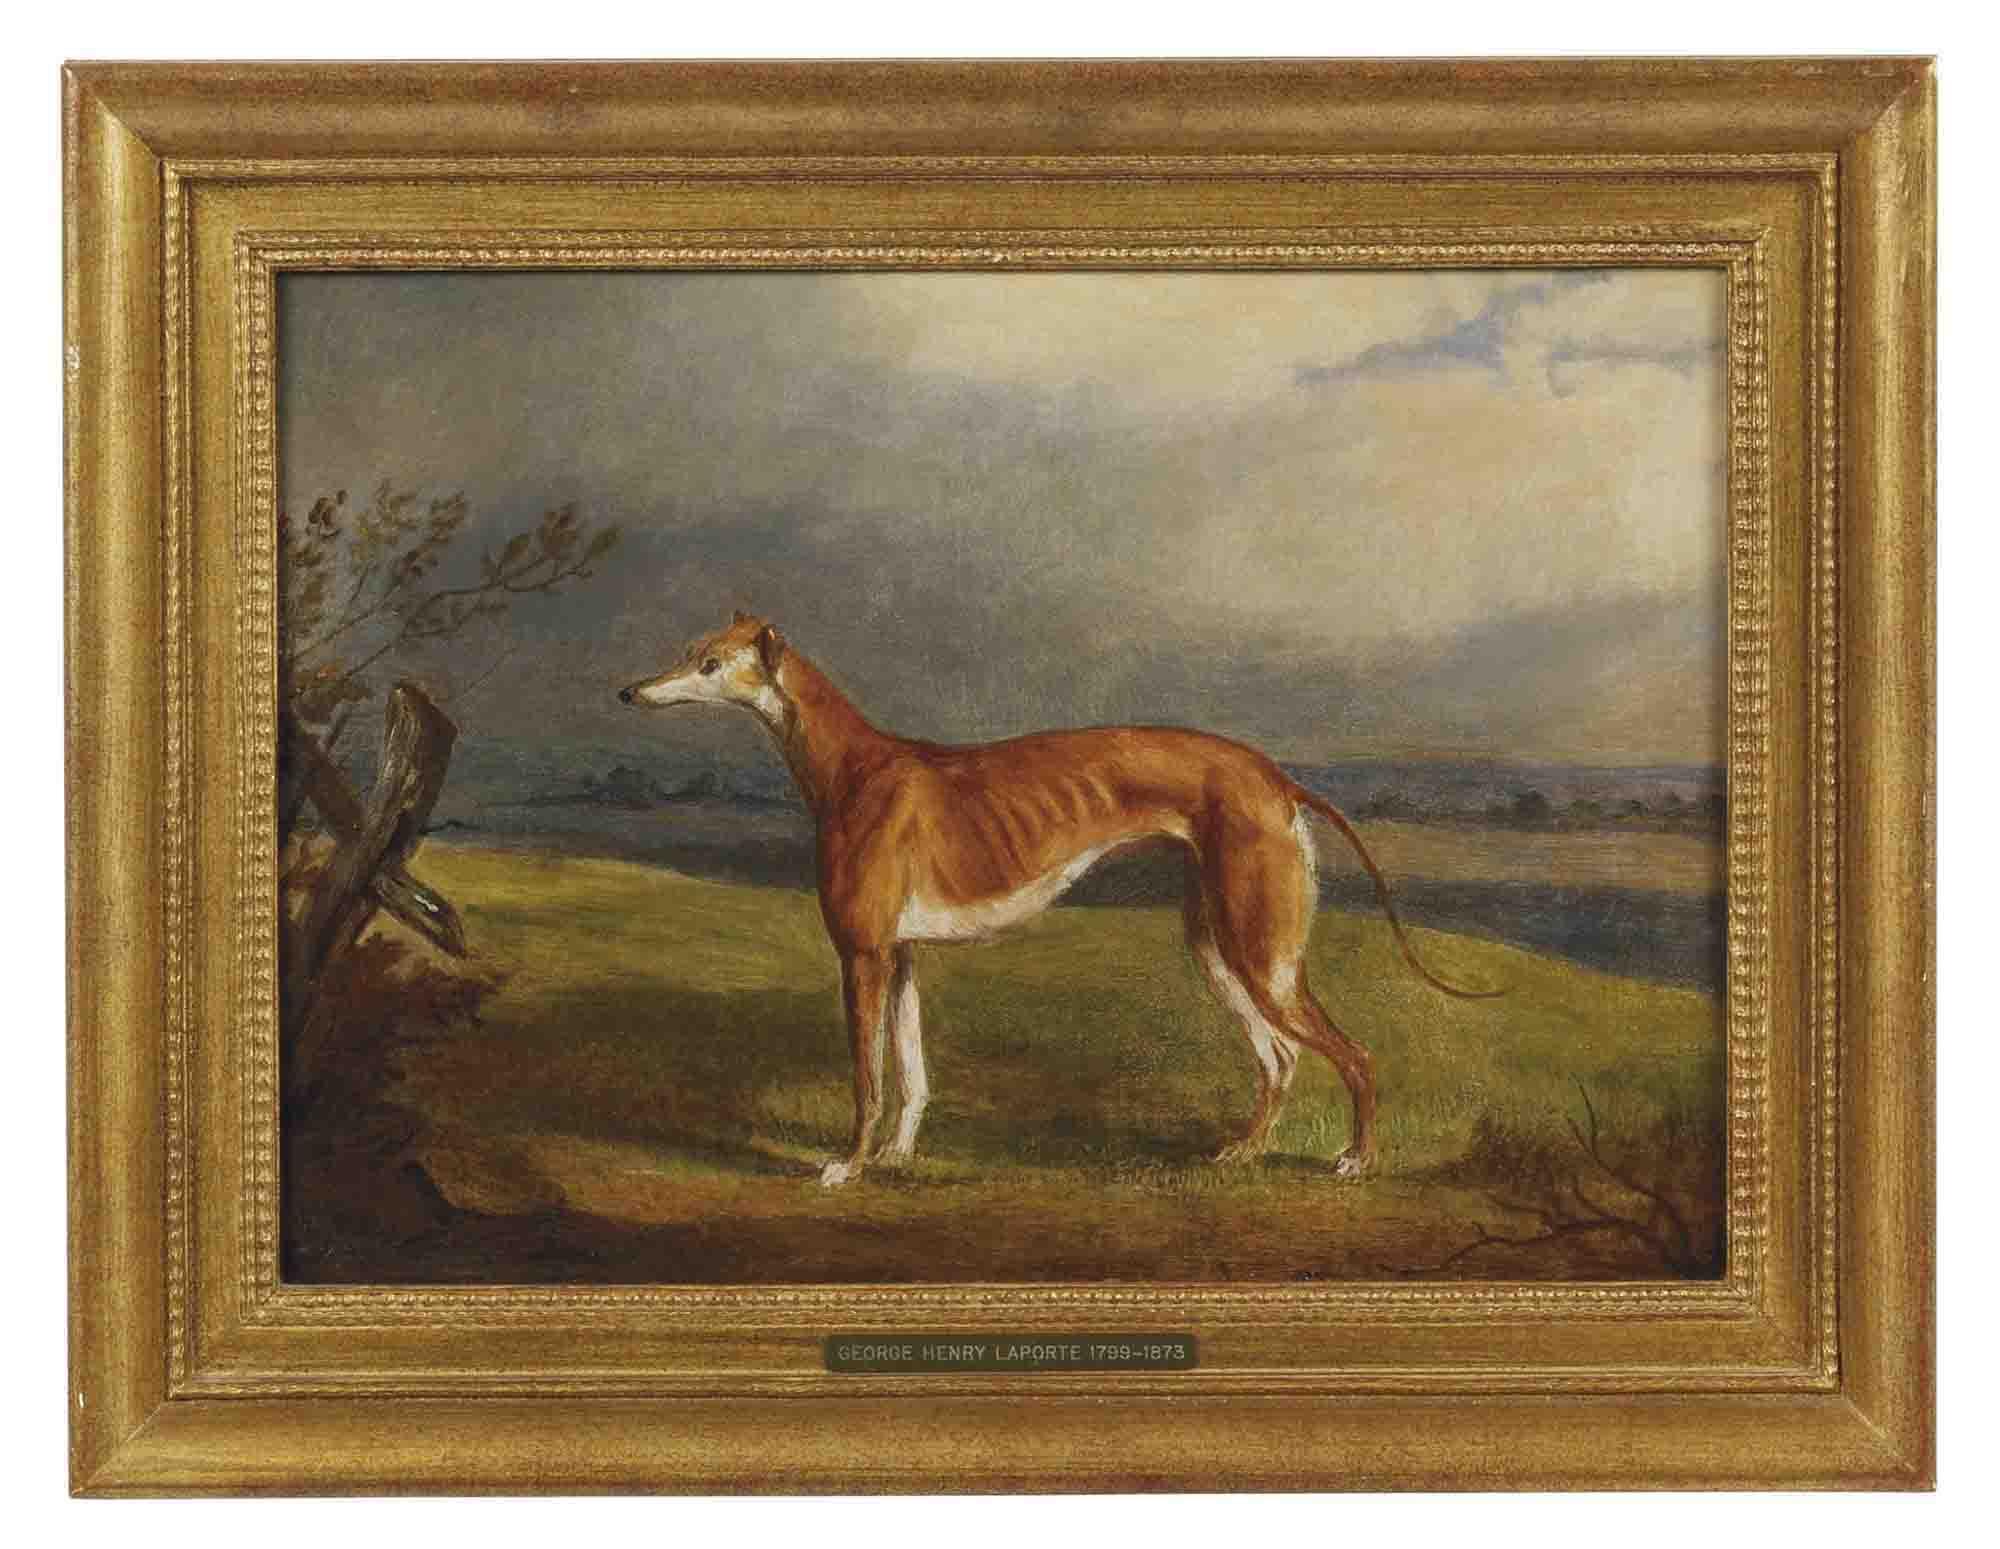 A greyhound in a landscape